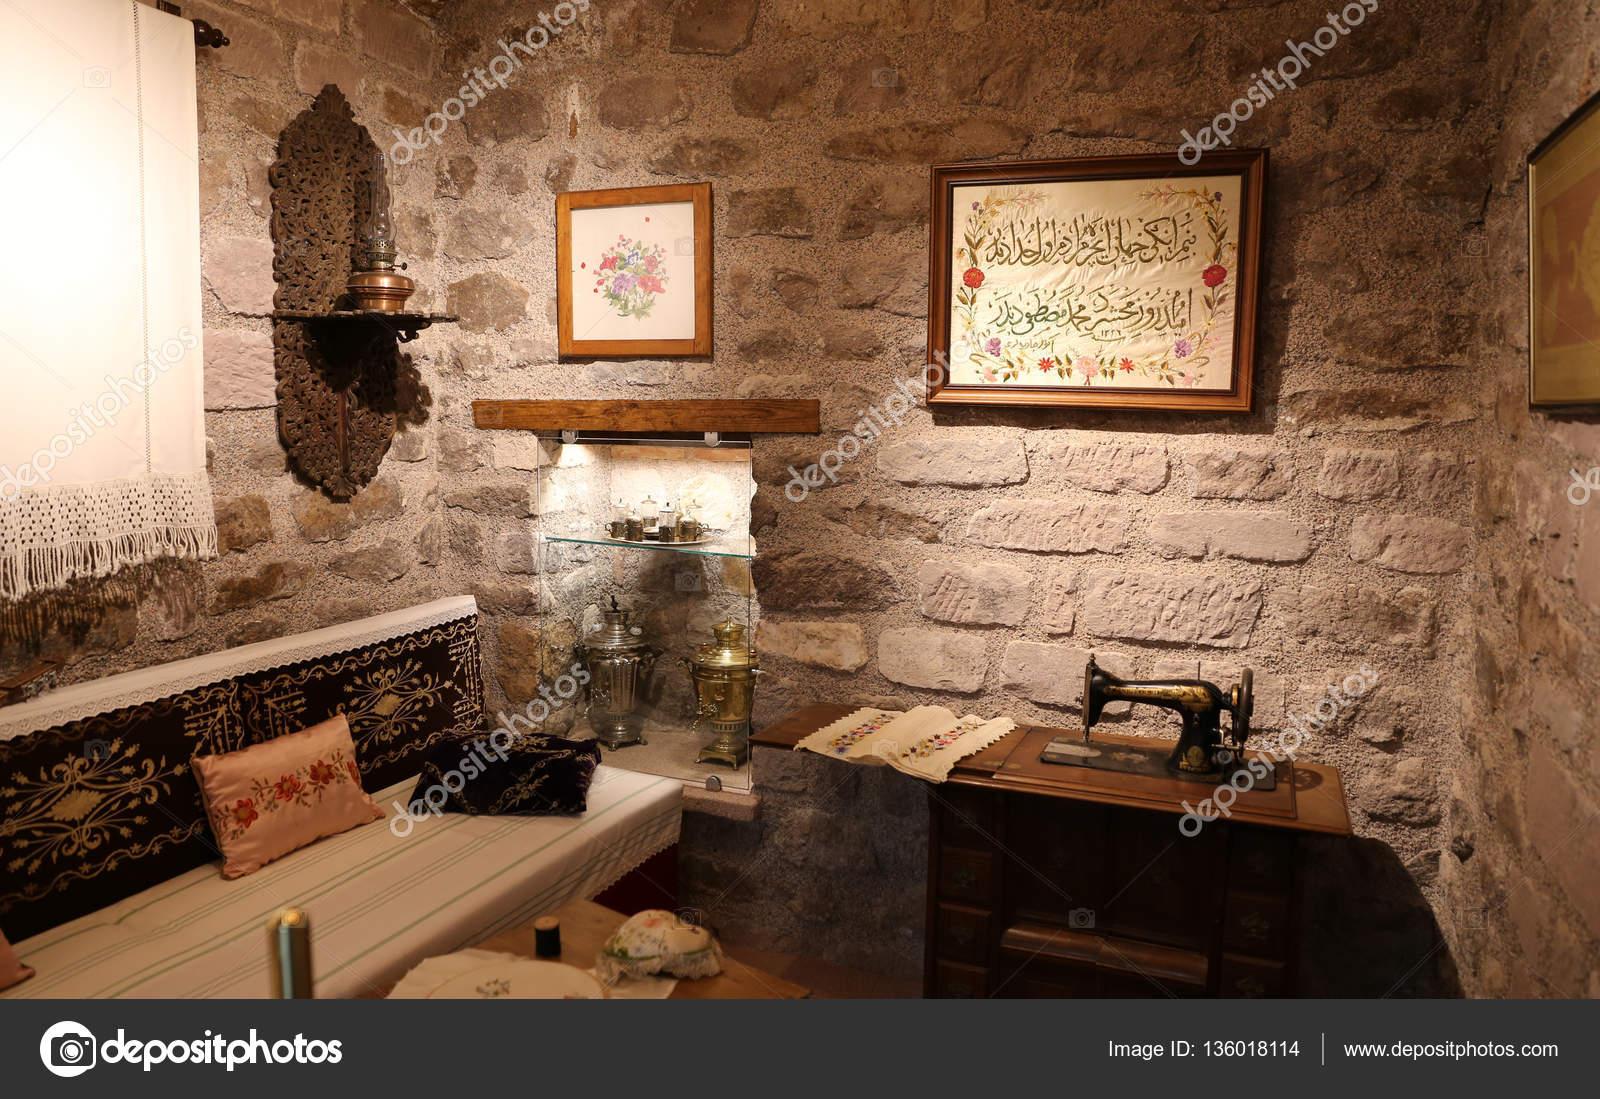 Ankara, Turquie   23 Octobre 2016 : Maison Turque Traditionnelle Loisirs à  Ankara, M. Rahmi Koc Museum. KOC Musée Est Consacré à Lu0027histoire De  Lu0027industrie, ...